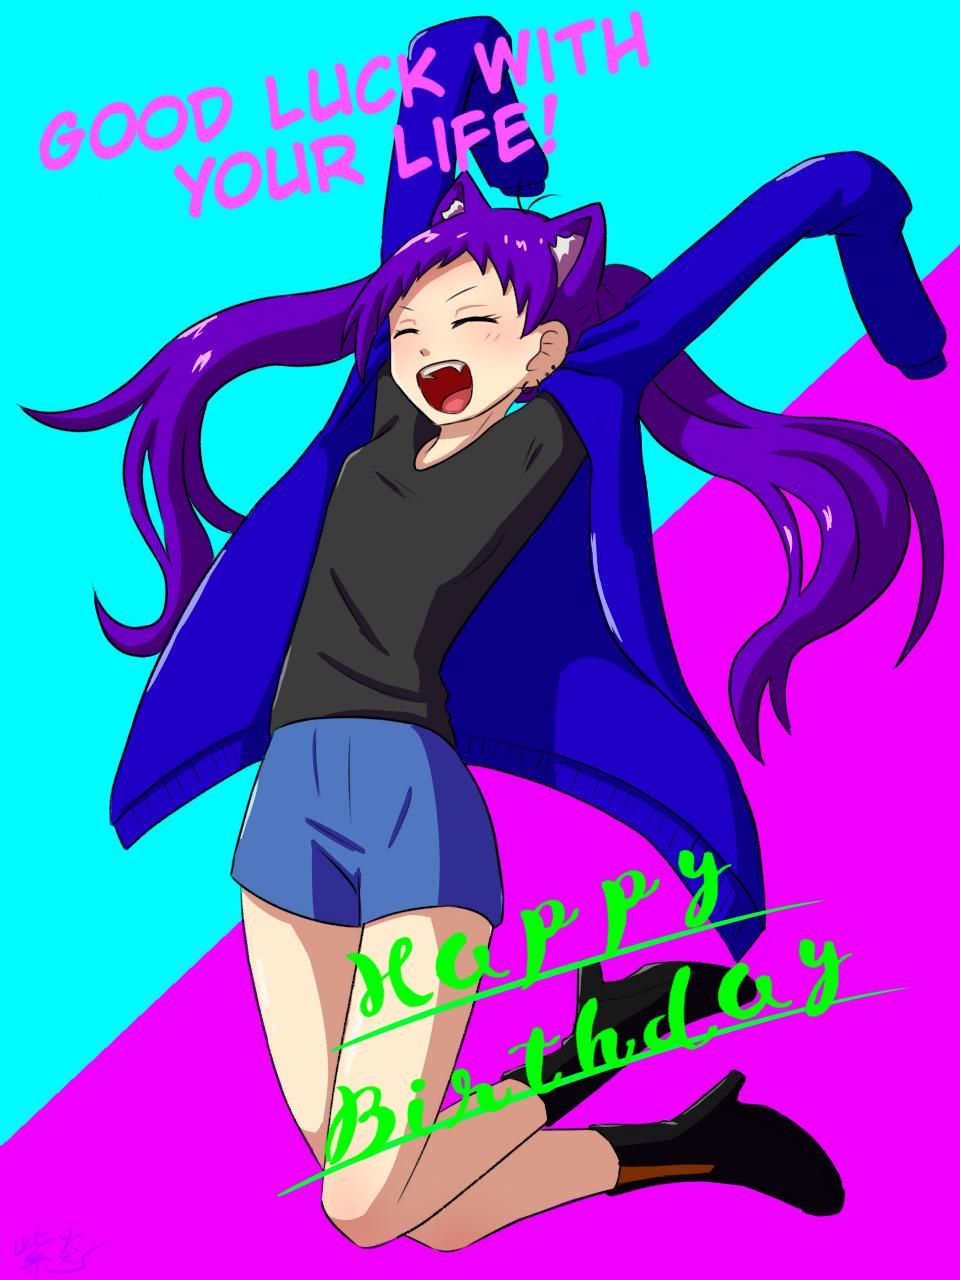 ハピバ!! Illust of 紫炎 cat_ears fanfic medibangpaint girl 河野依